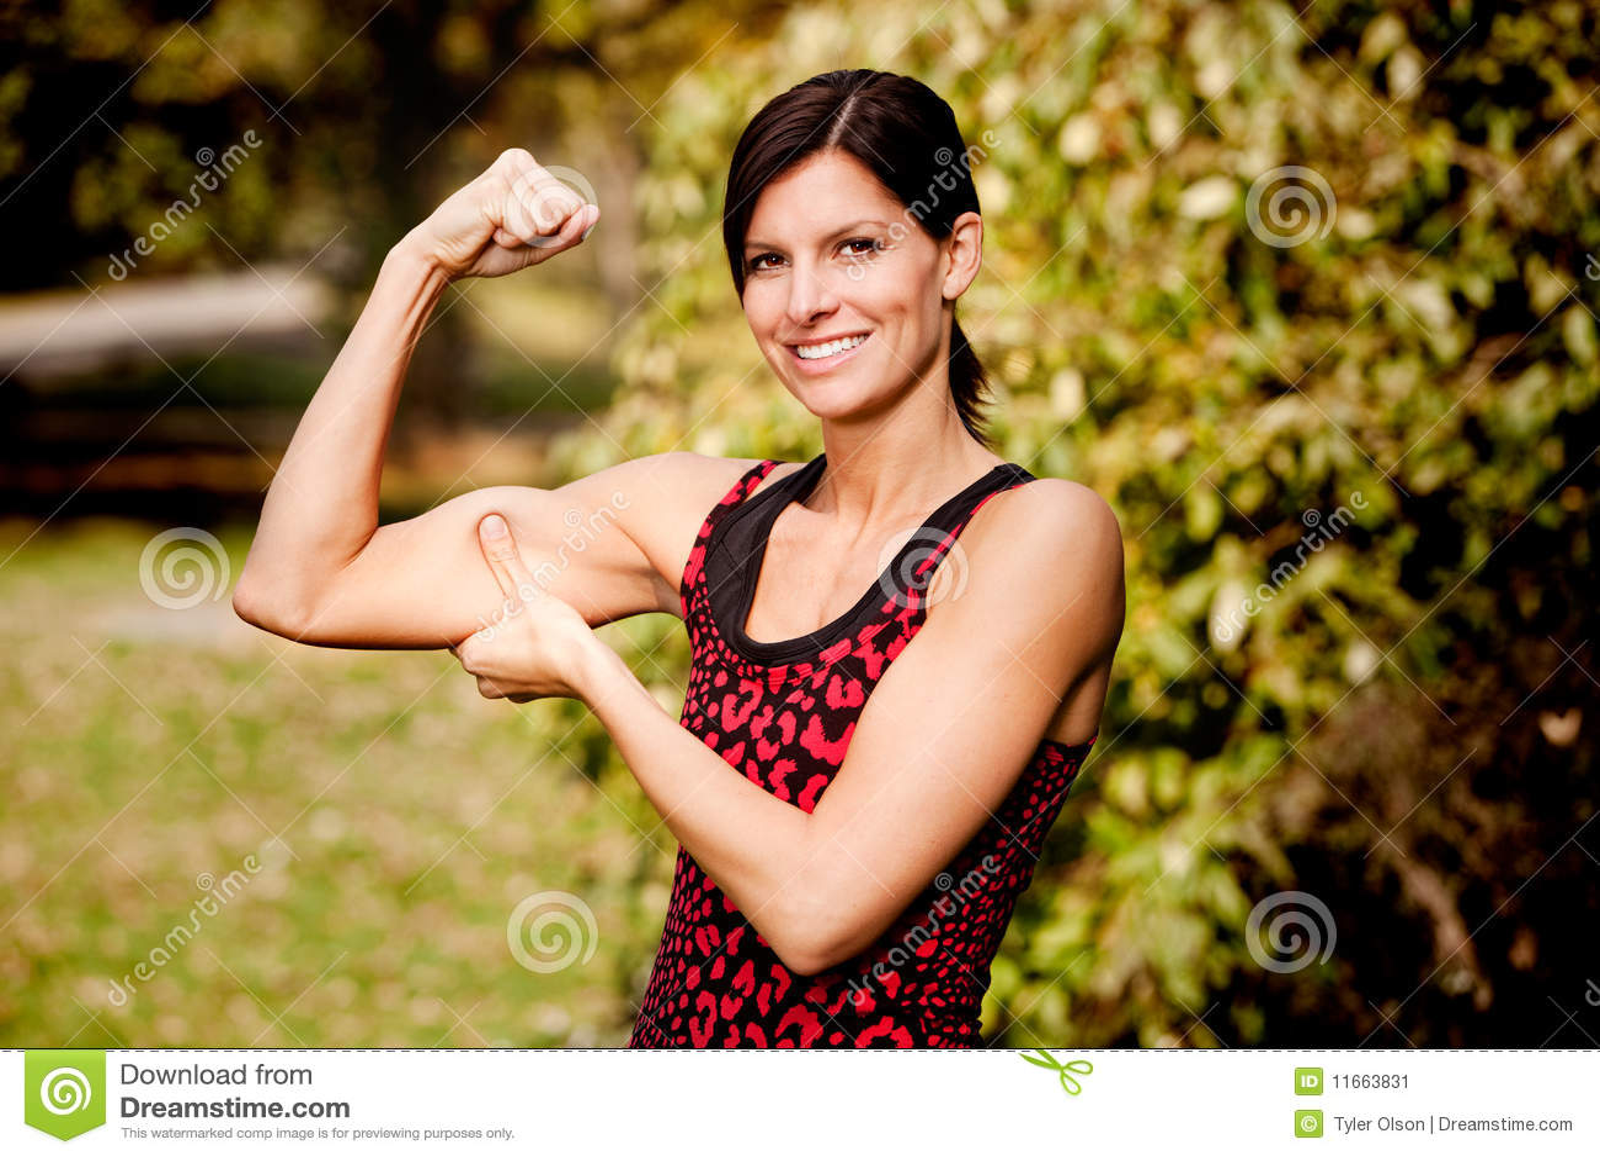 Muskel Girls